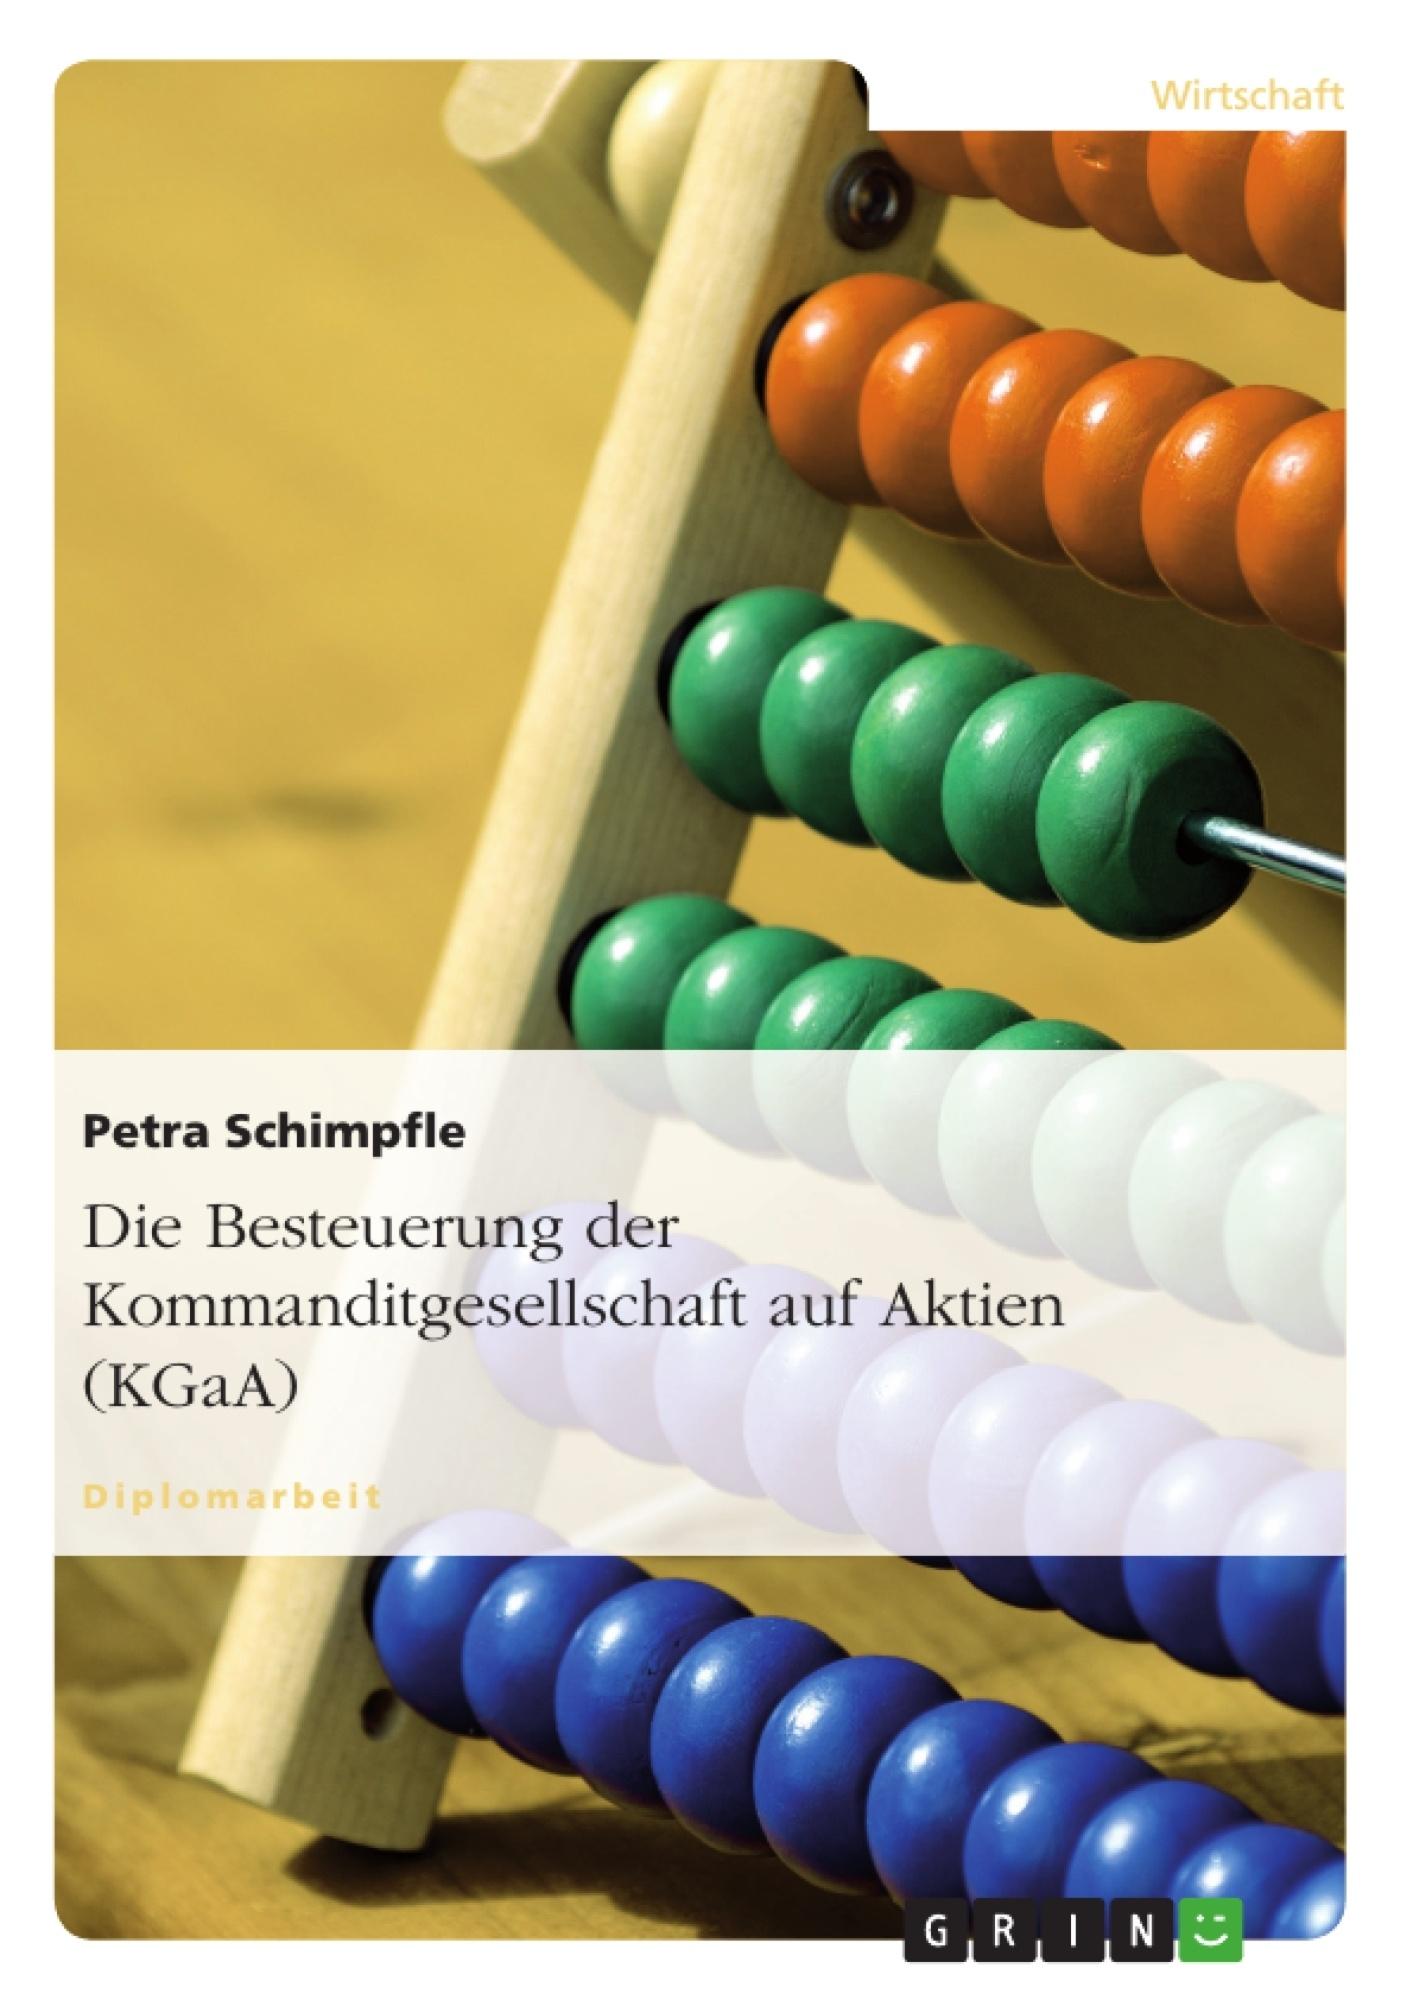 Titel: Die Besteuerung der Kommanditgesellschaft auf Aktien (KGaA)